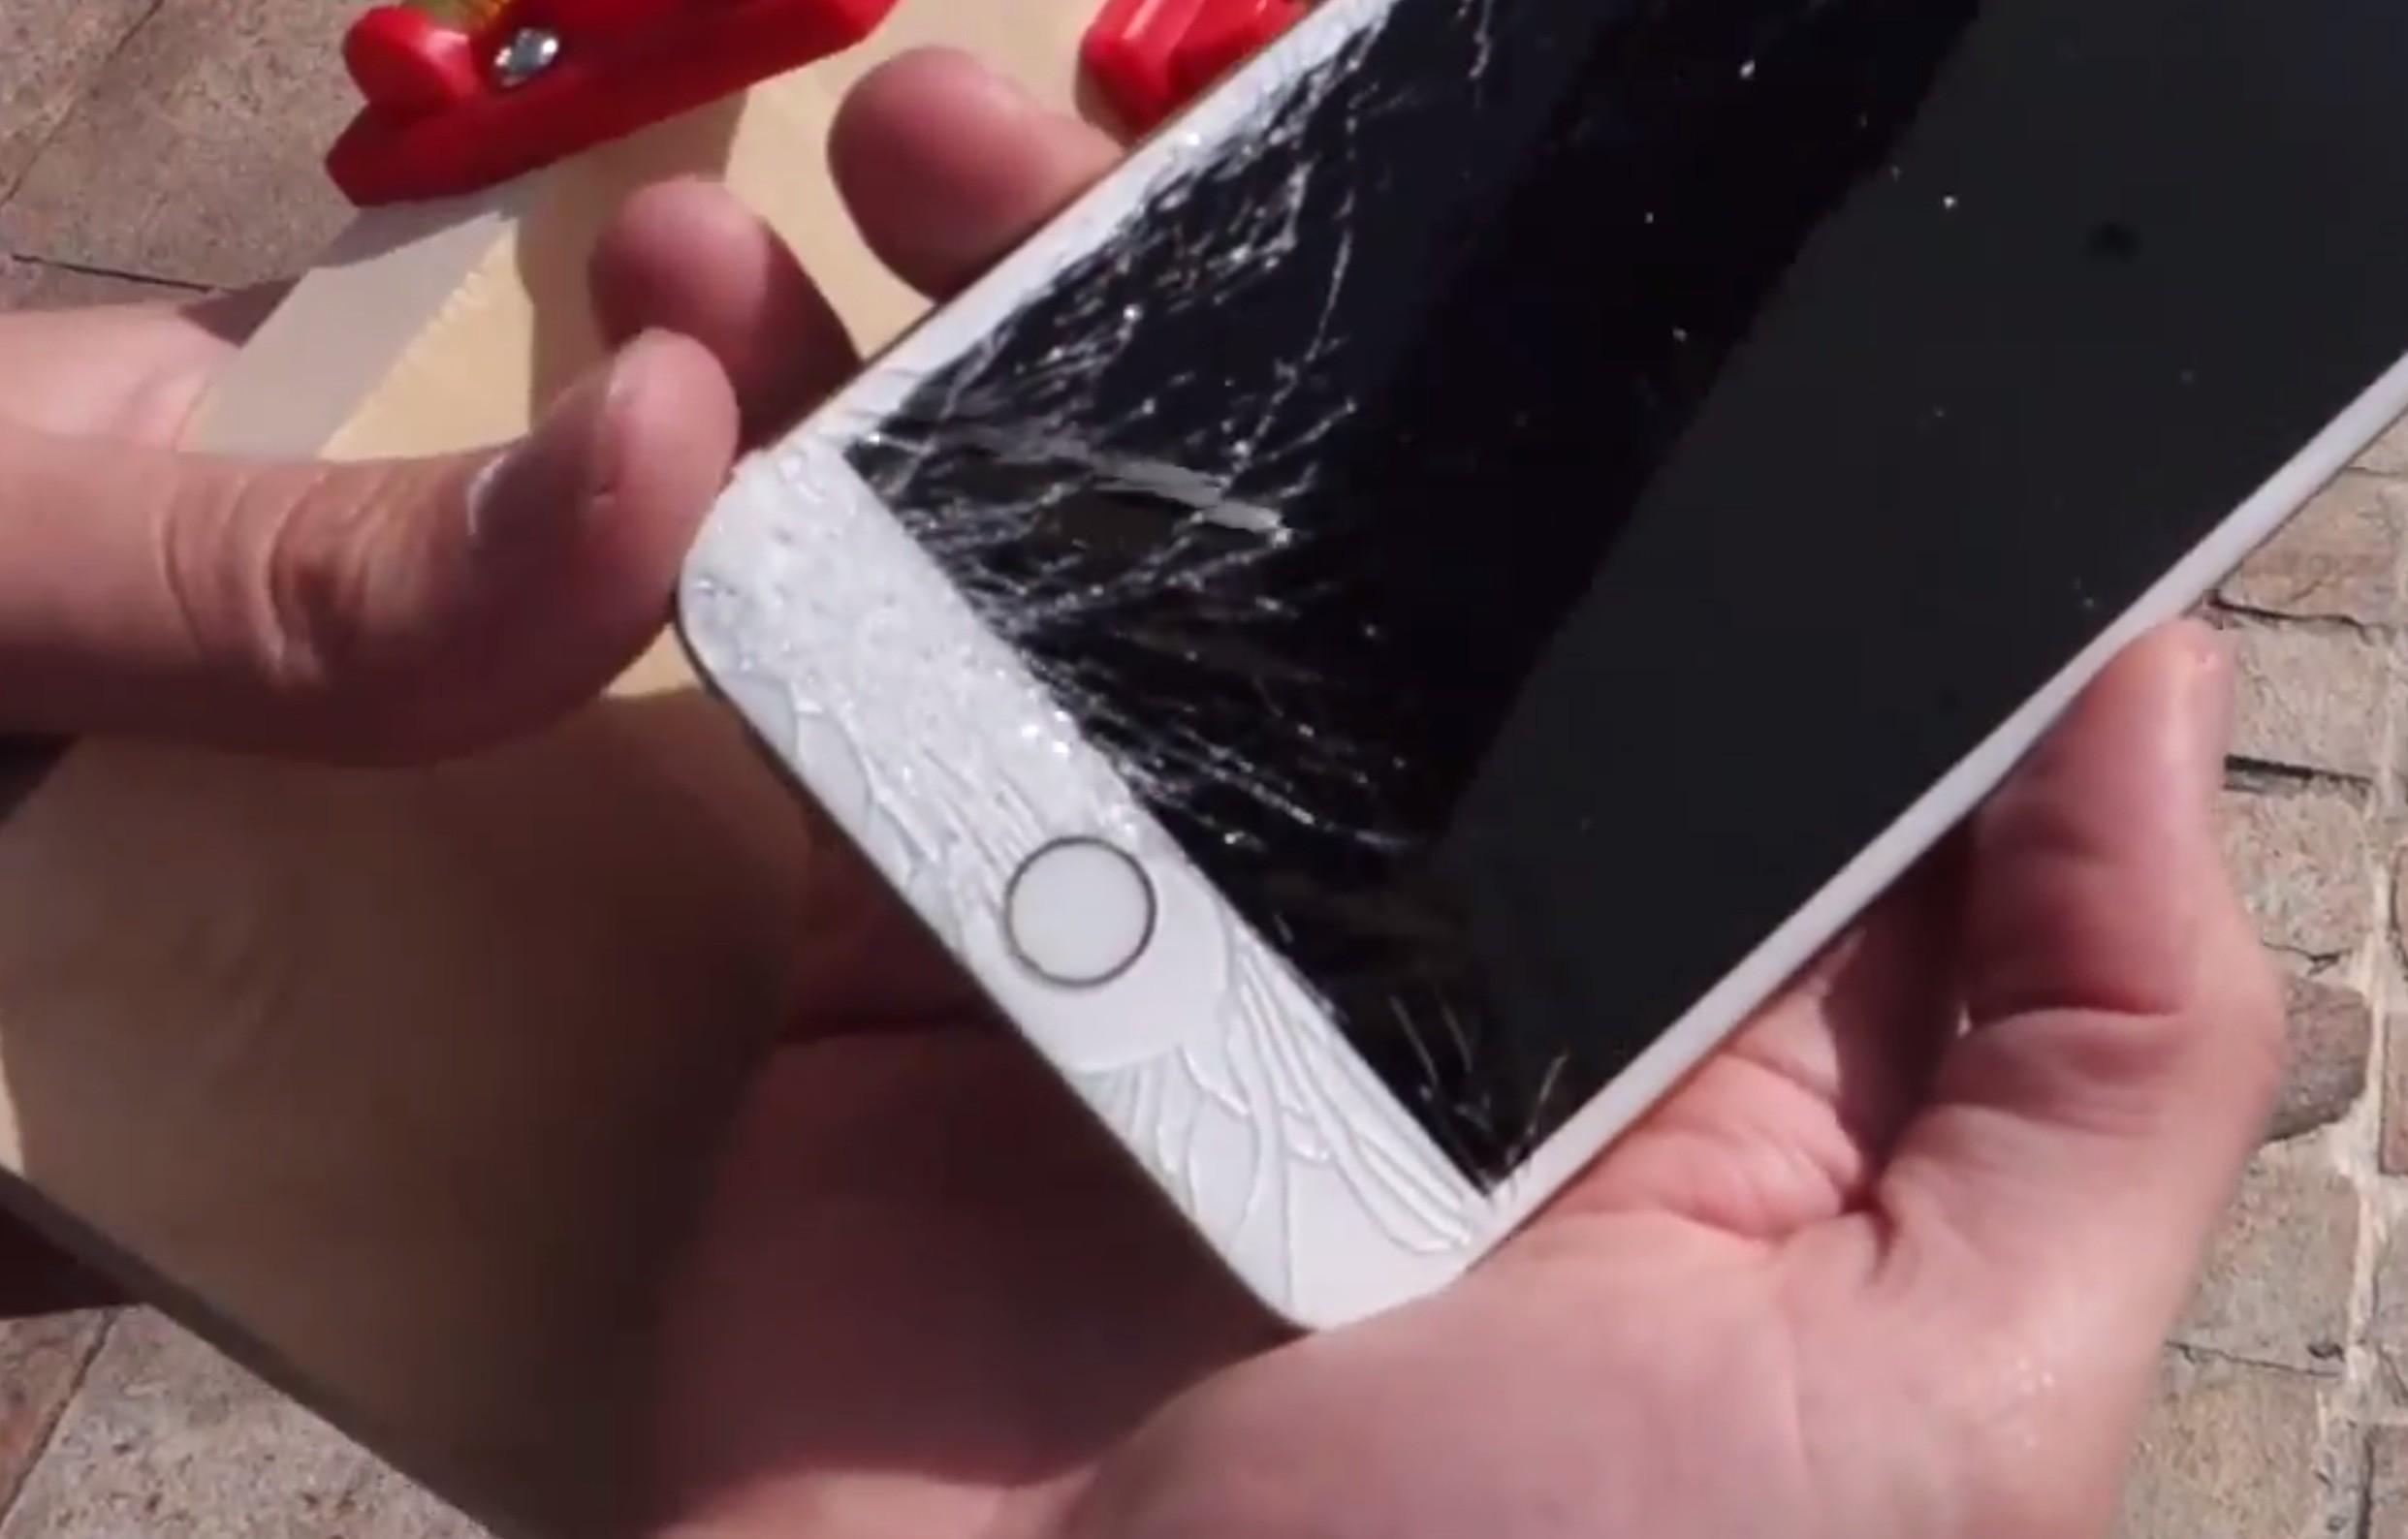 Thay màn hình iPhone 6 bị vỡ